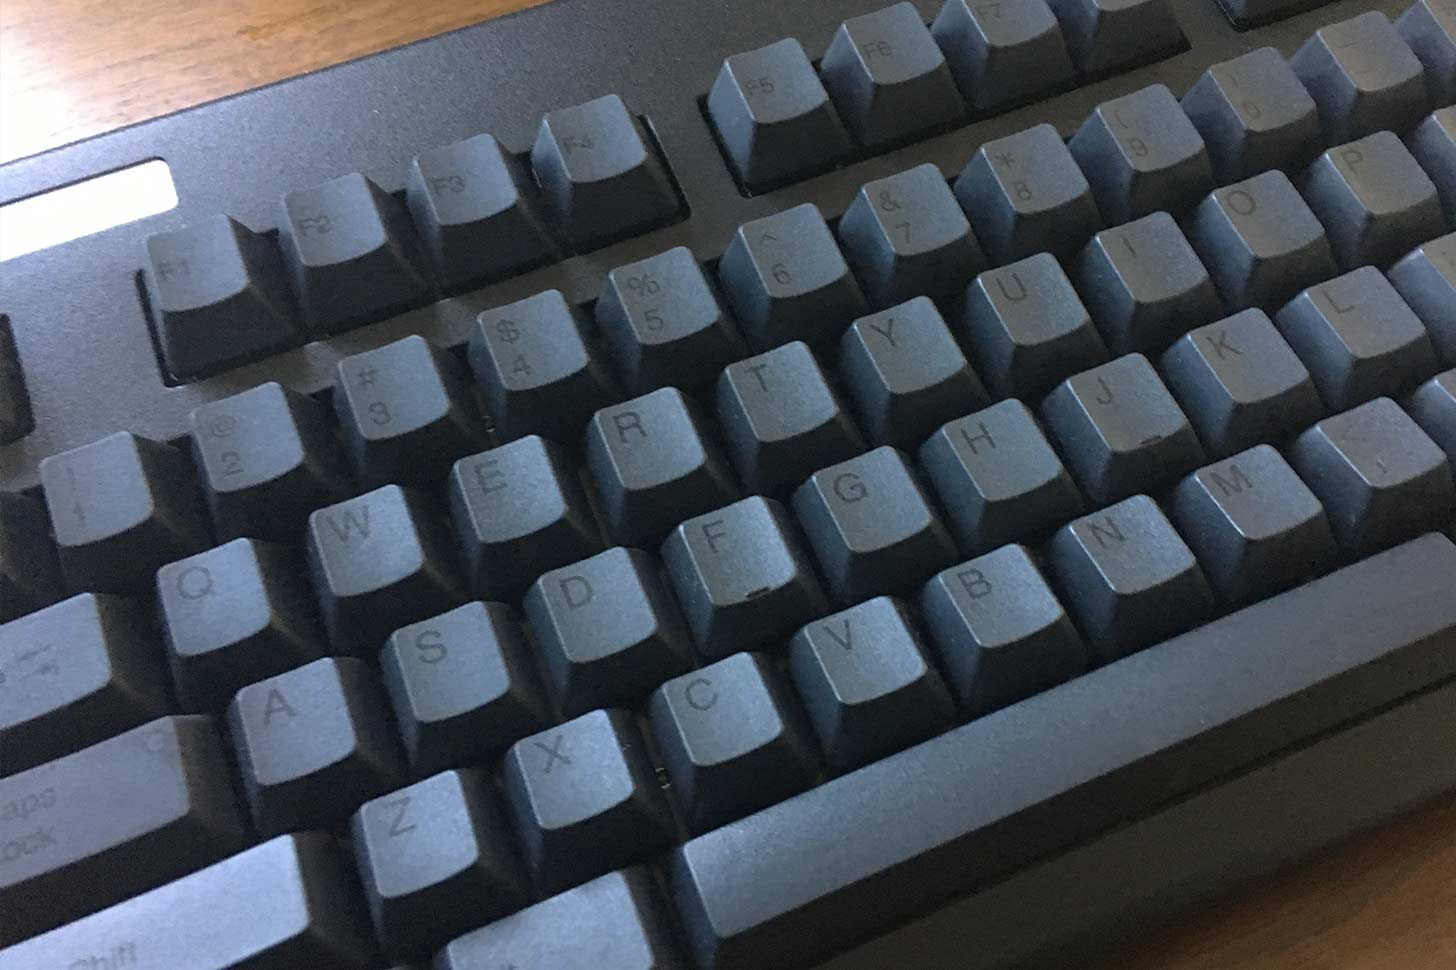 497a3b0469 使えばわかる高級キーボードの世界。おすすめキーボードと選び方のポイントも解説 - 東京ボーイ